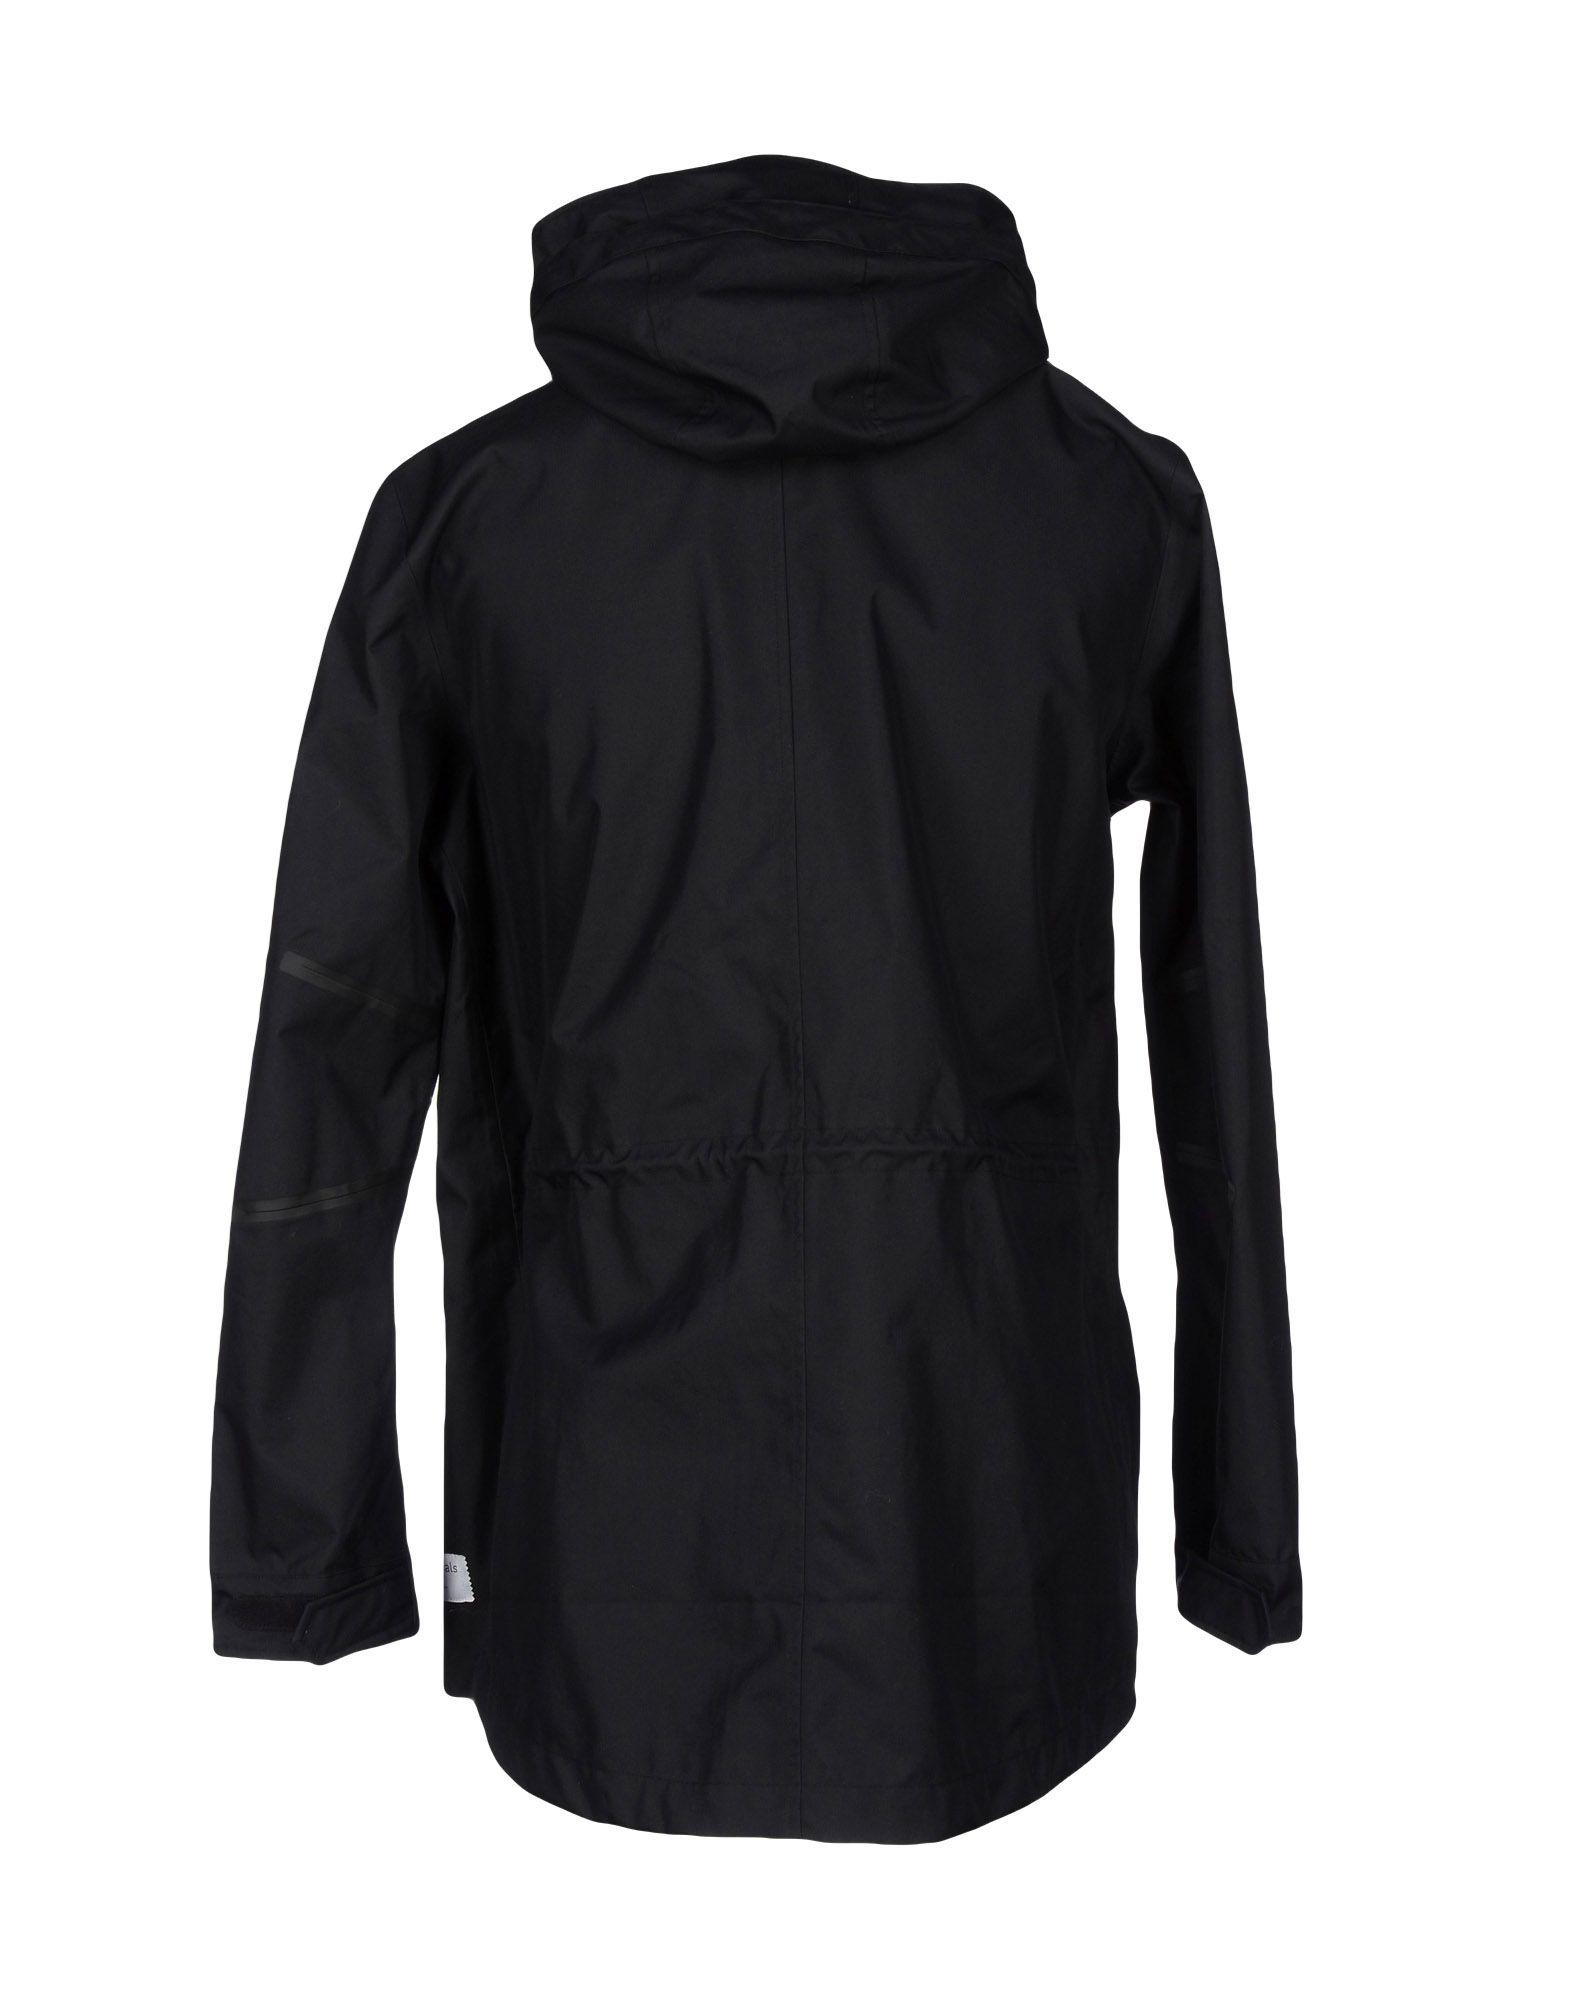 Black Adidas Jackets | priletai.com